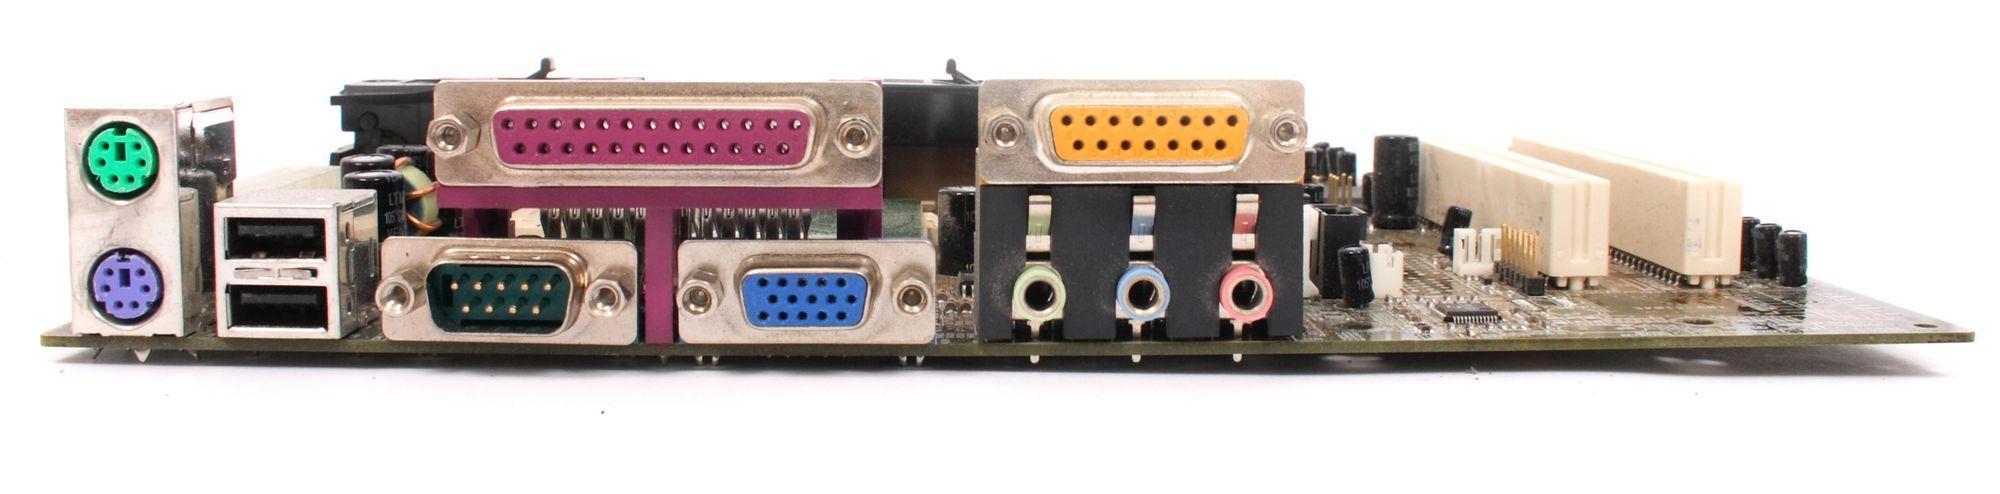 Dette gamle hovedkortet har riktignok et par USB-kontakter, men også de fleste av de nevnte, utdaterte grensesnittene.